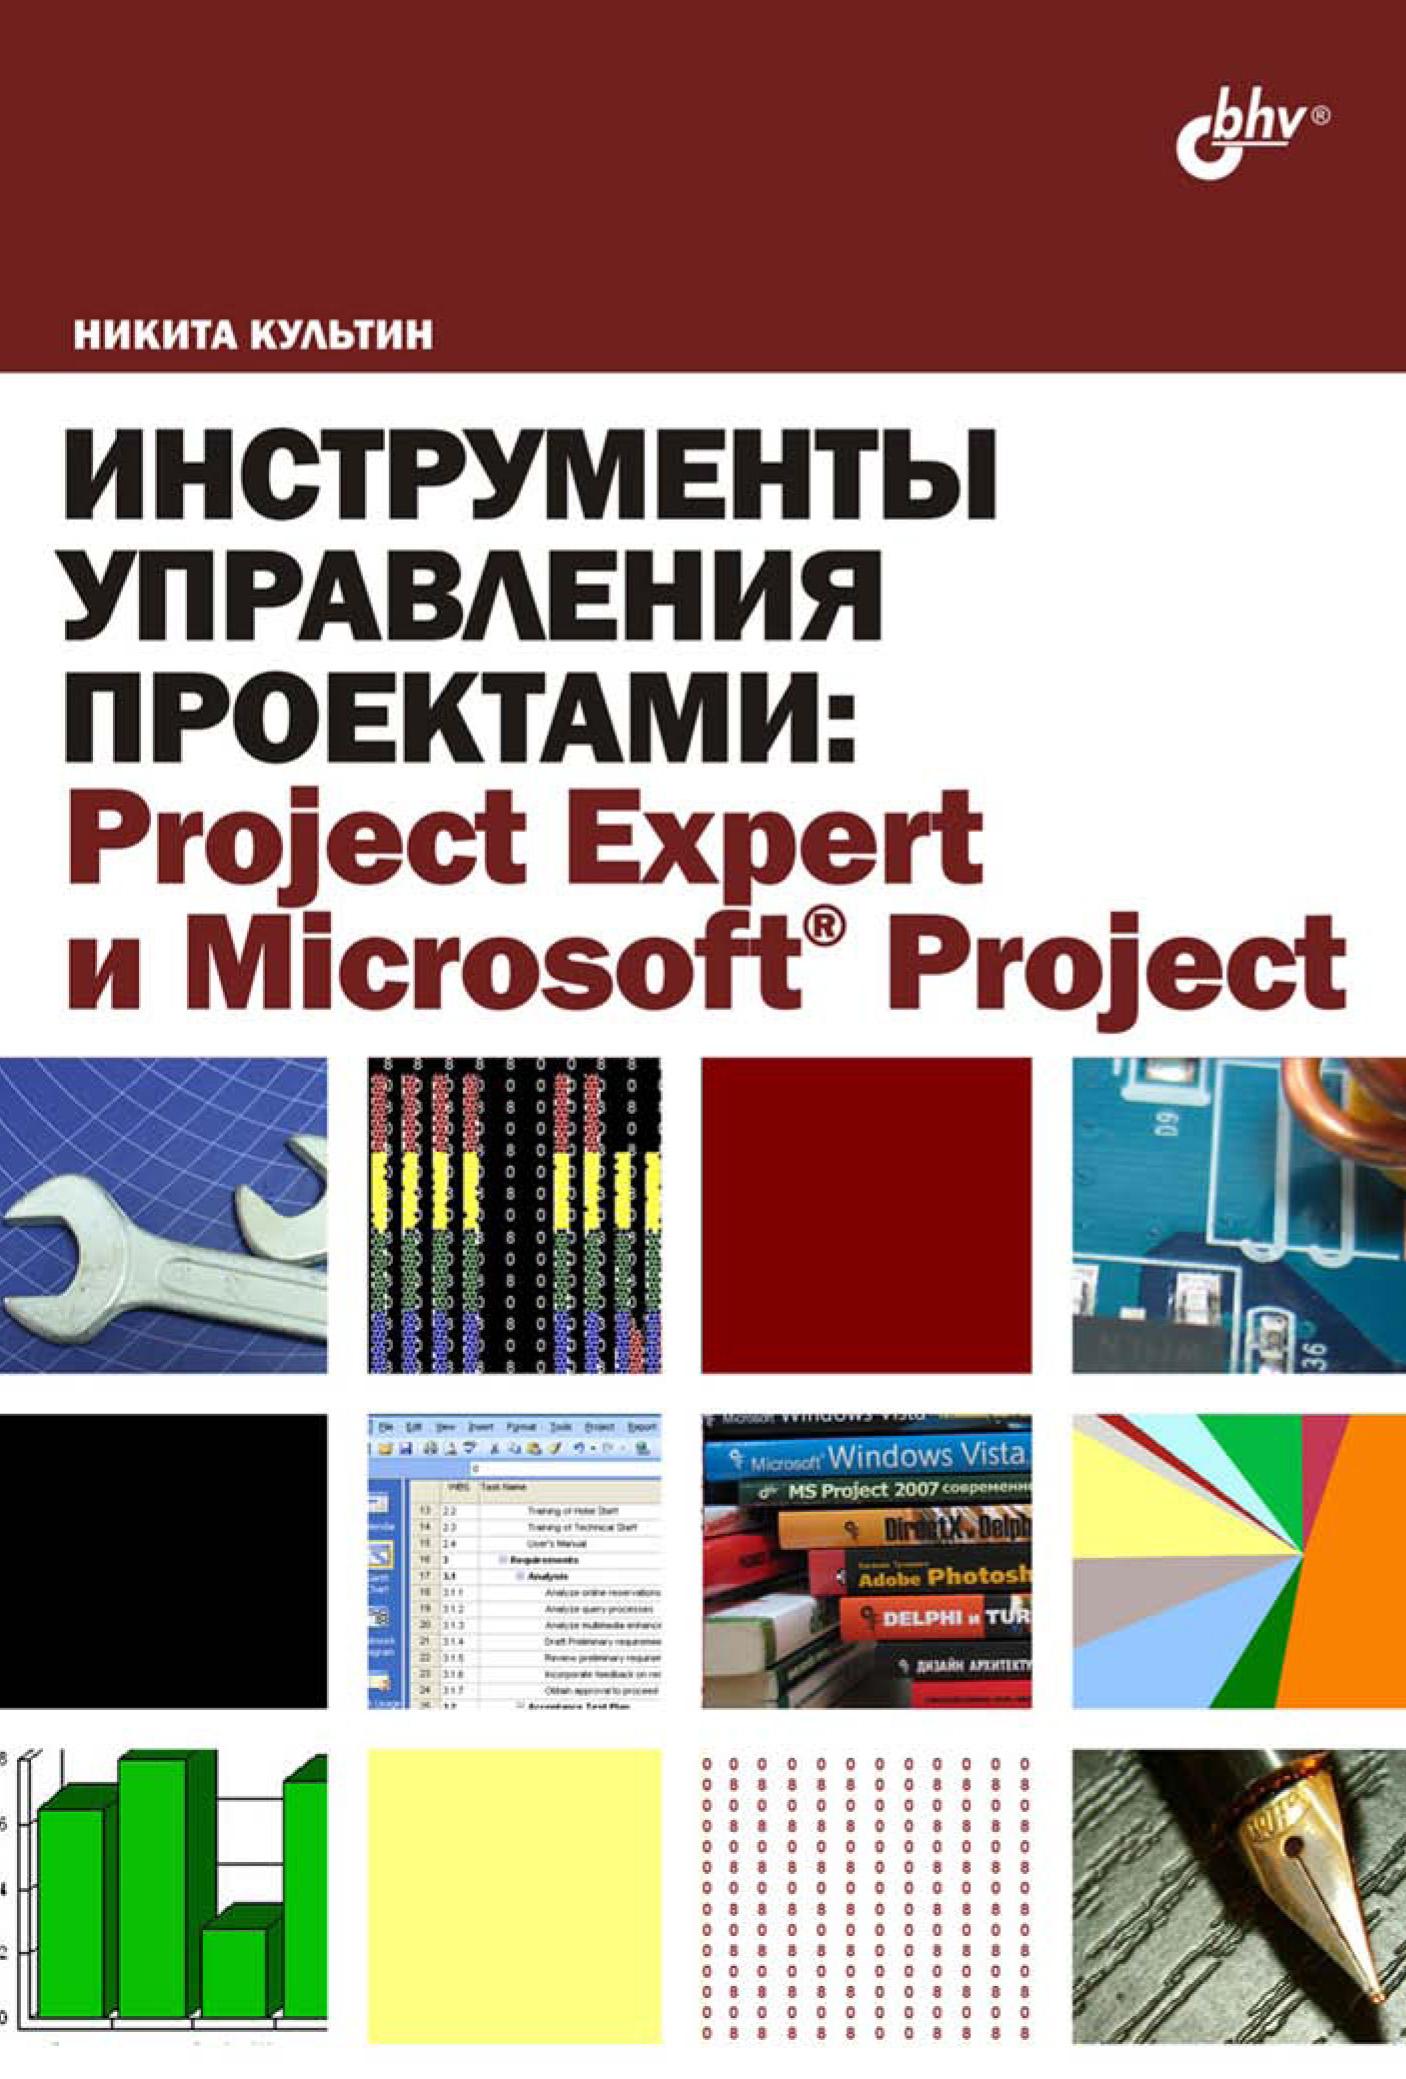 Никита Культин Инструменты управления проектами: Project Expert и Microsoft Project владимир куперштейн microsoft project 2013 в управлении проектами